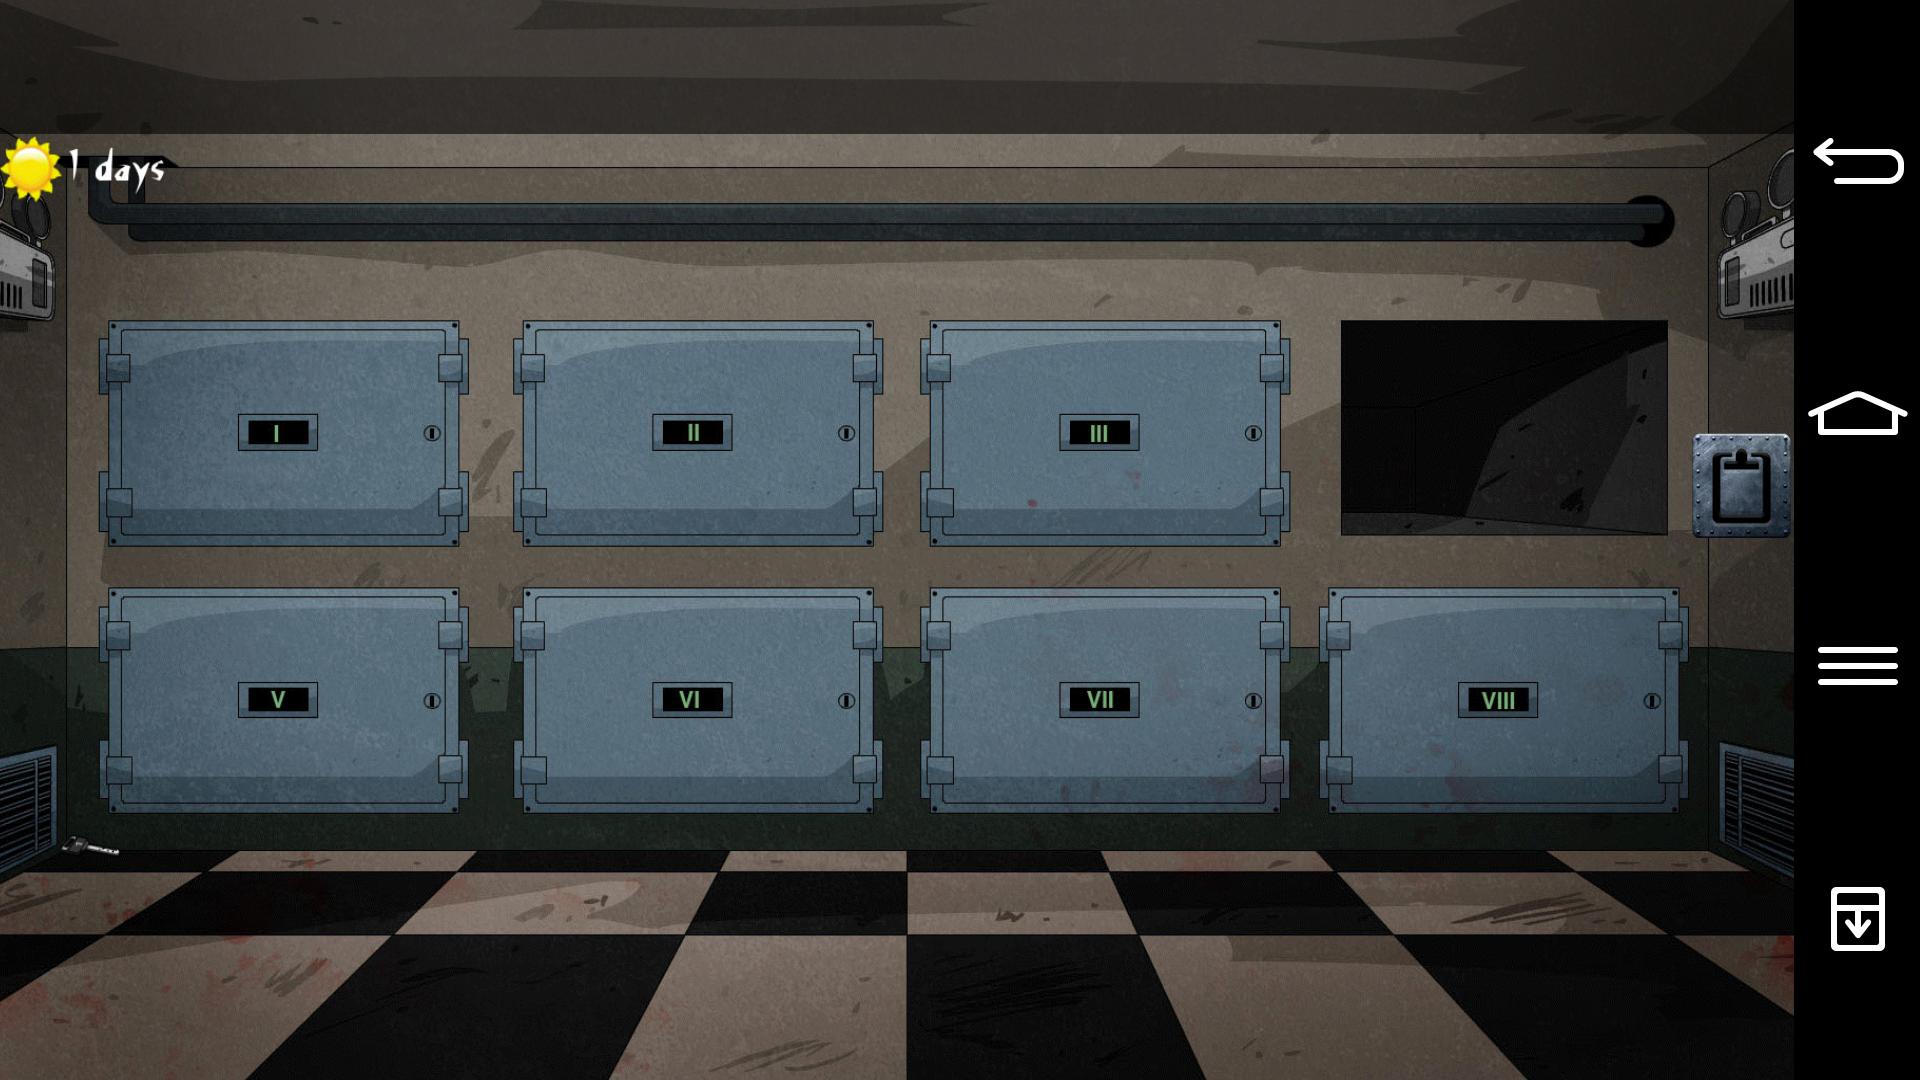 脱獄 3: 遺体安置所 androidアプリスクリーンショット1